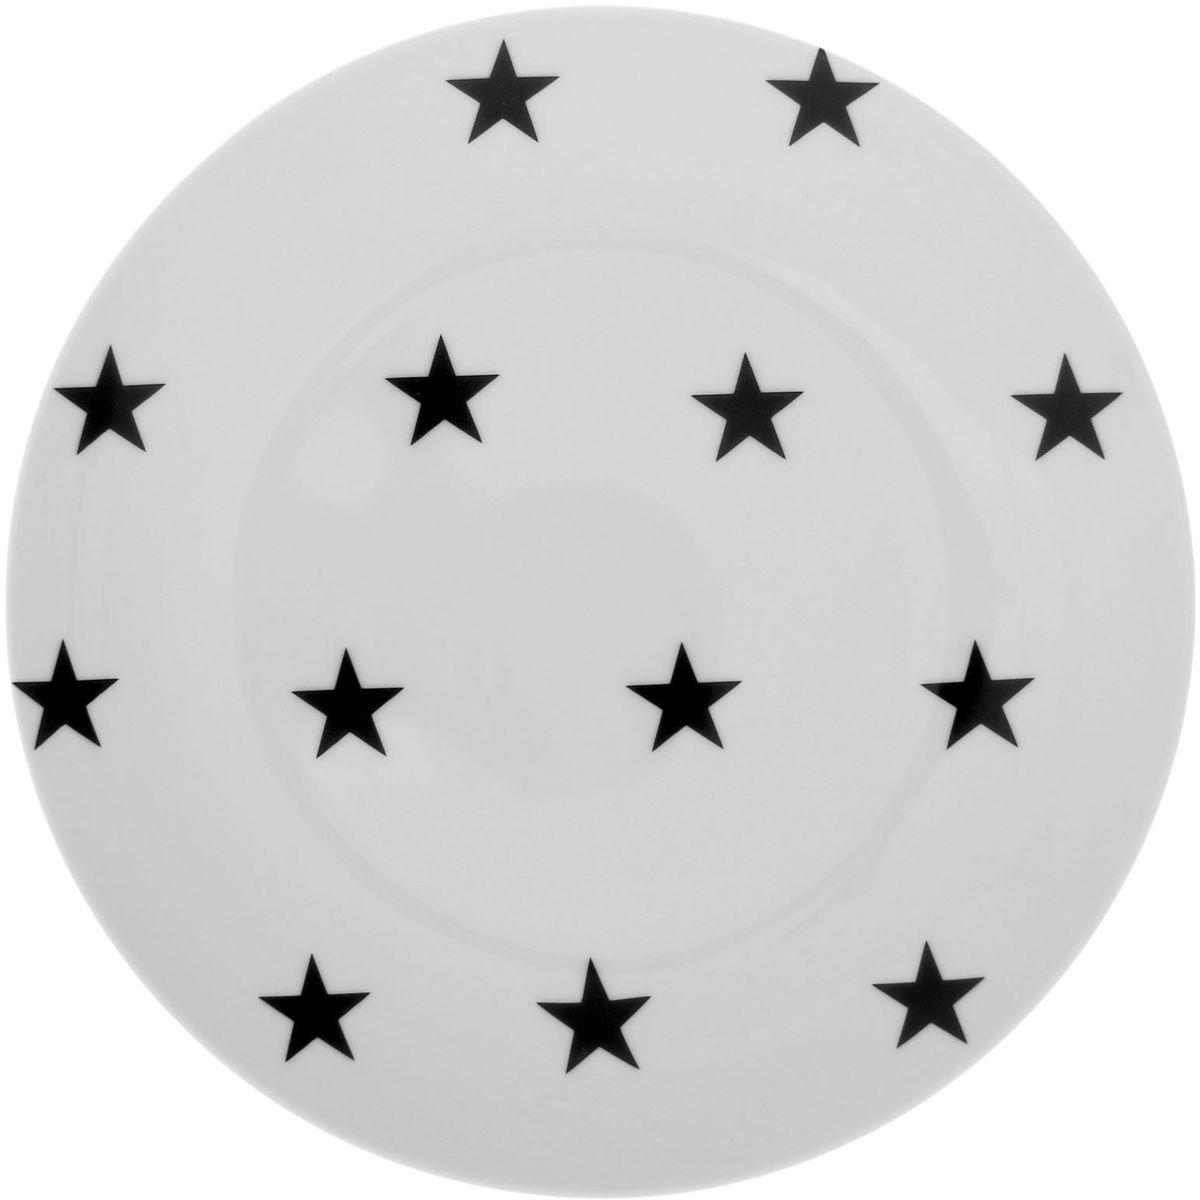 Тарелка мелкая Сотвори чудо My Little Star Sans Brides , диаметр 20 см54 009312Хотите обновить интерьер кухни или гостиной? Устраиваете необычную фотосессию или тематический праздник? А может, просто ищете подарок для близкого человека? Посуда Сотвори Чудо — правильный выбор в любой ситуации. Тарелка Сотвори Чудо, изготовленная из изящного фаянса нежного сливочного цвета, оформлена оригинальным рисунком со стойкой краской. Пригодна для посудомоечной машины.